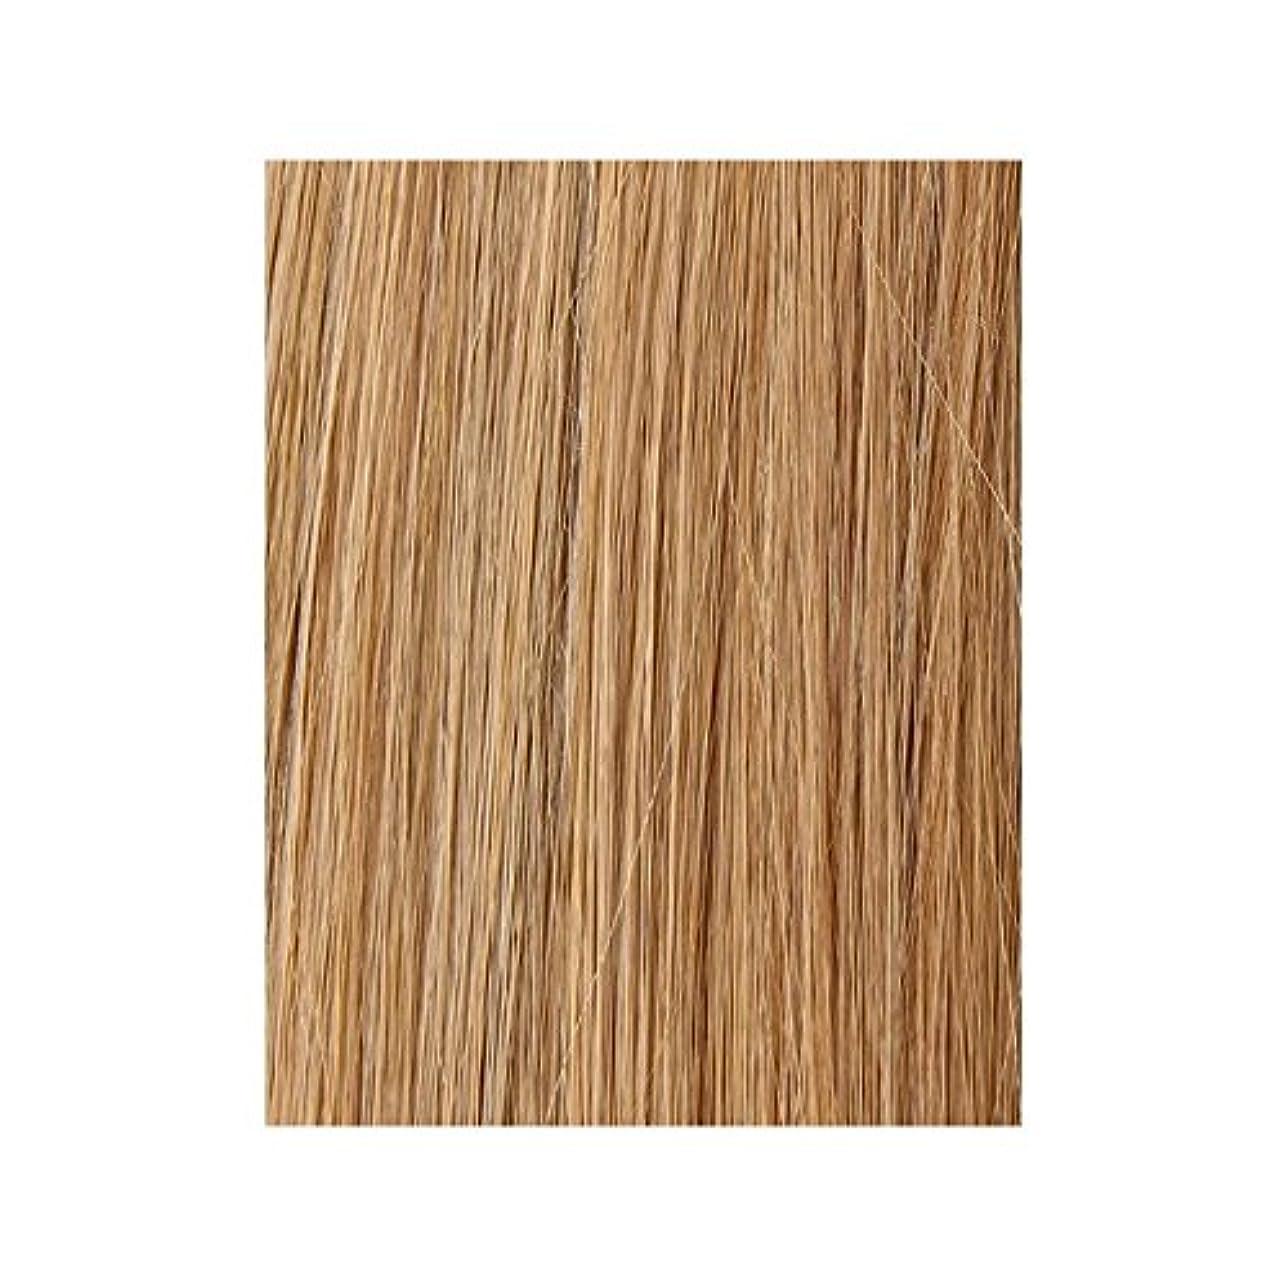 神経障害用語集略すBeauty Works 100% Remy Colour Swatch Hair Extension - Tanned Blonde 10/14/16 (Pack of 6) - 美しさは、100%レミー色見本ヘアエクステンションを作品 - ブロンド日焼けした10/14/16 x6 [並行輸入品]